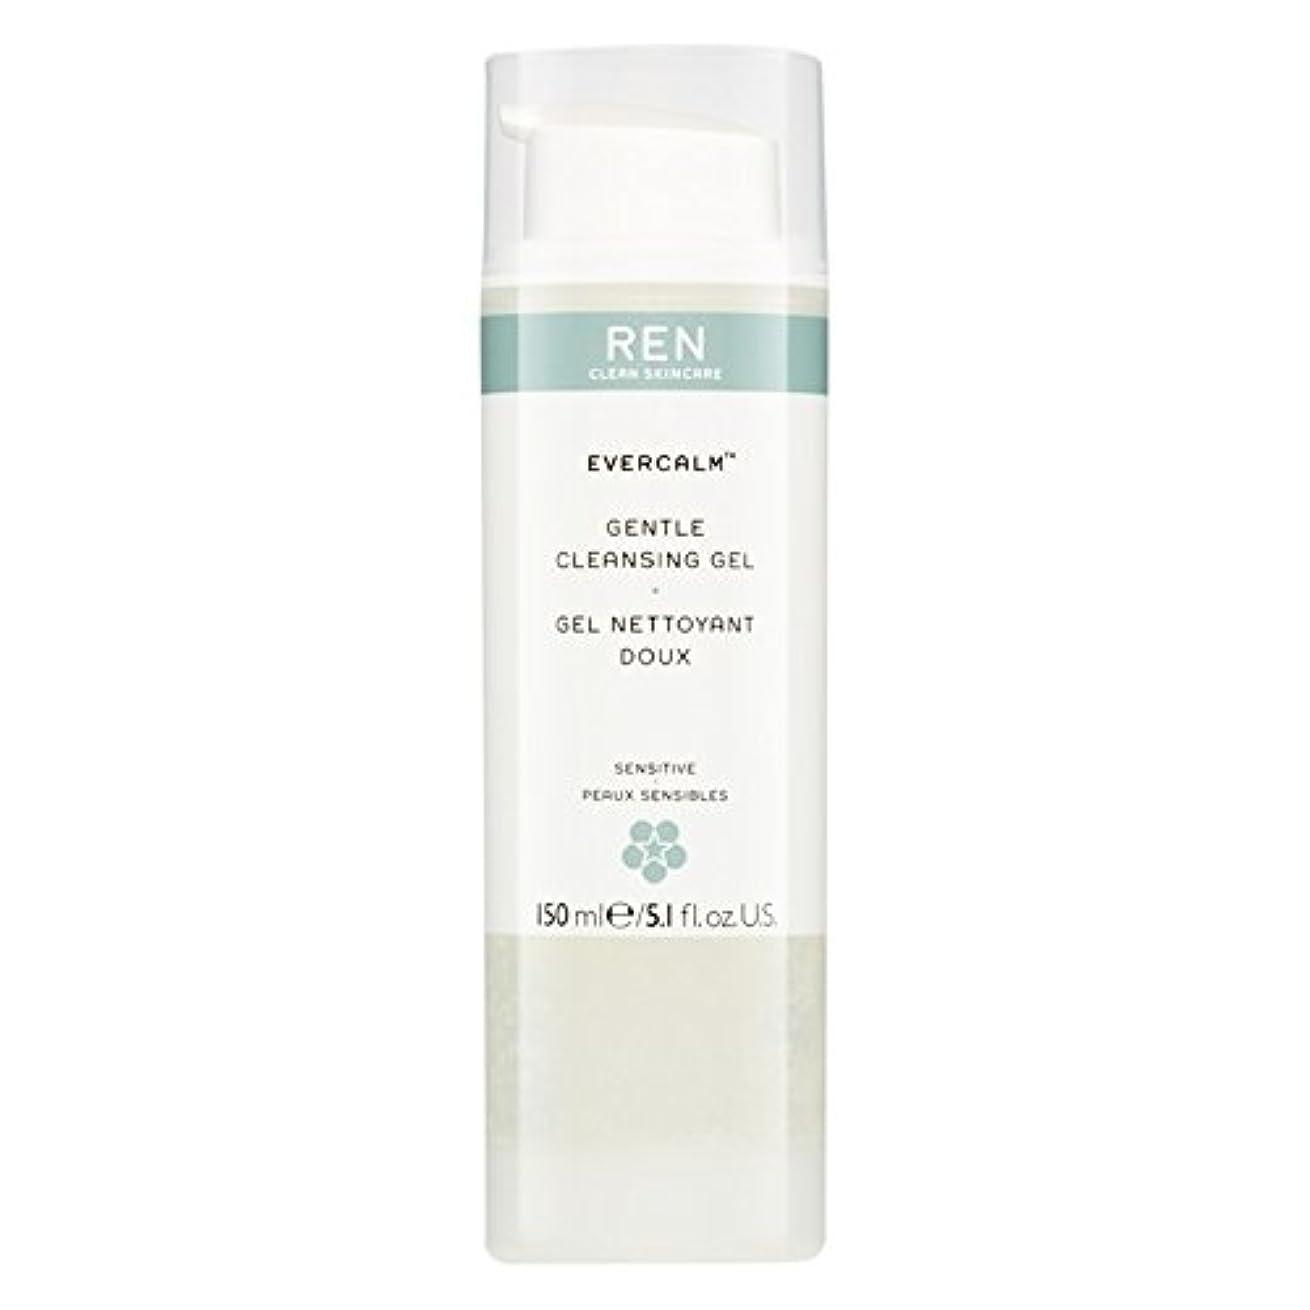 画像安息シャッターRen Evercalm優しいクレンジングジェル、150ミリリットル (REN) (x2) - REN Evercalm Gentle Cleansing Gel, 150ml (Pack of 2) [並行輸入品]